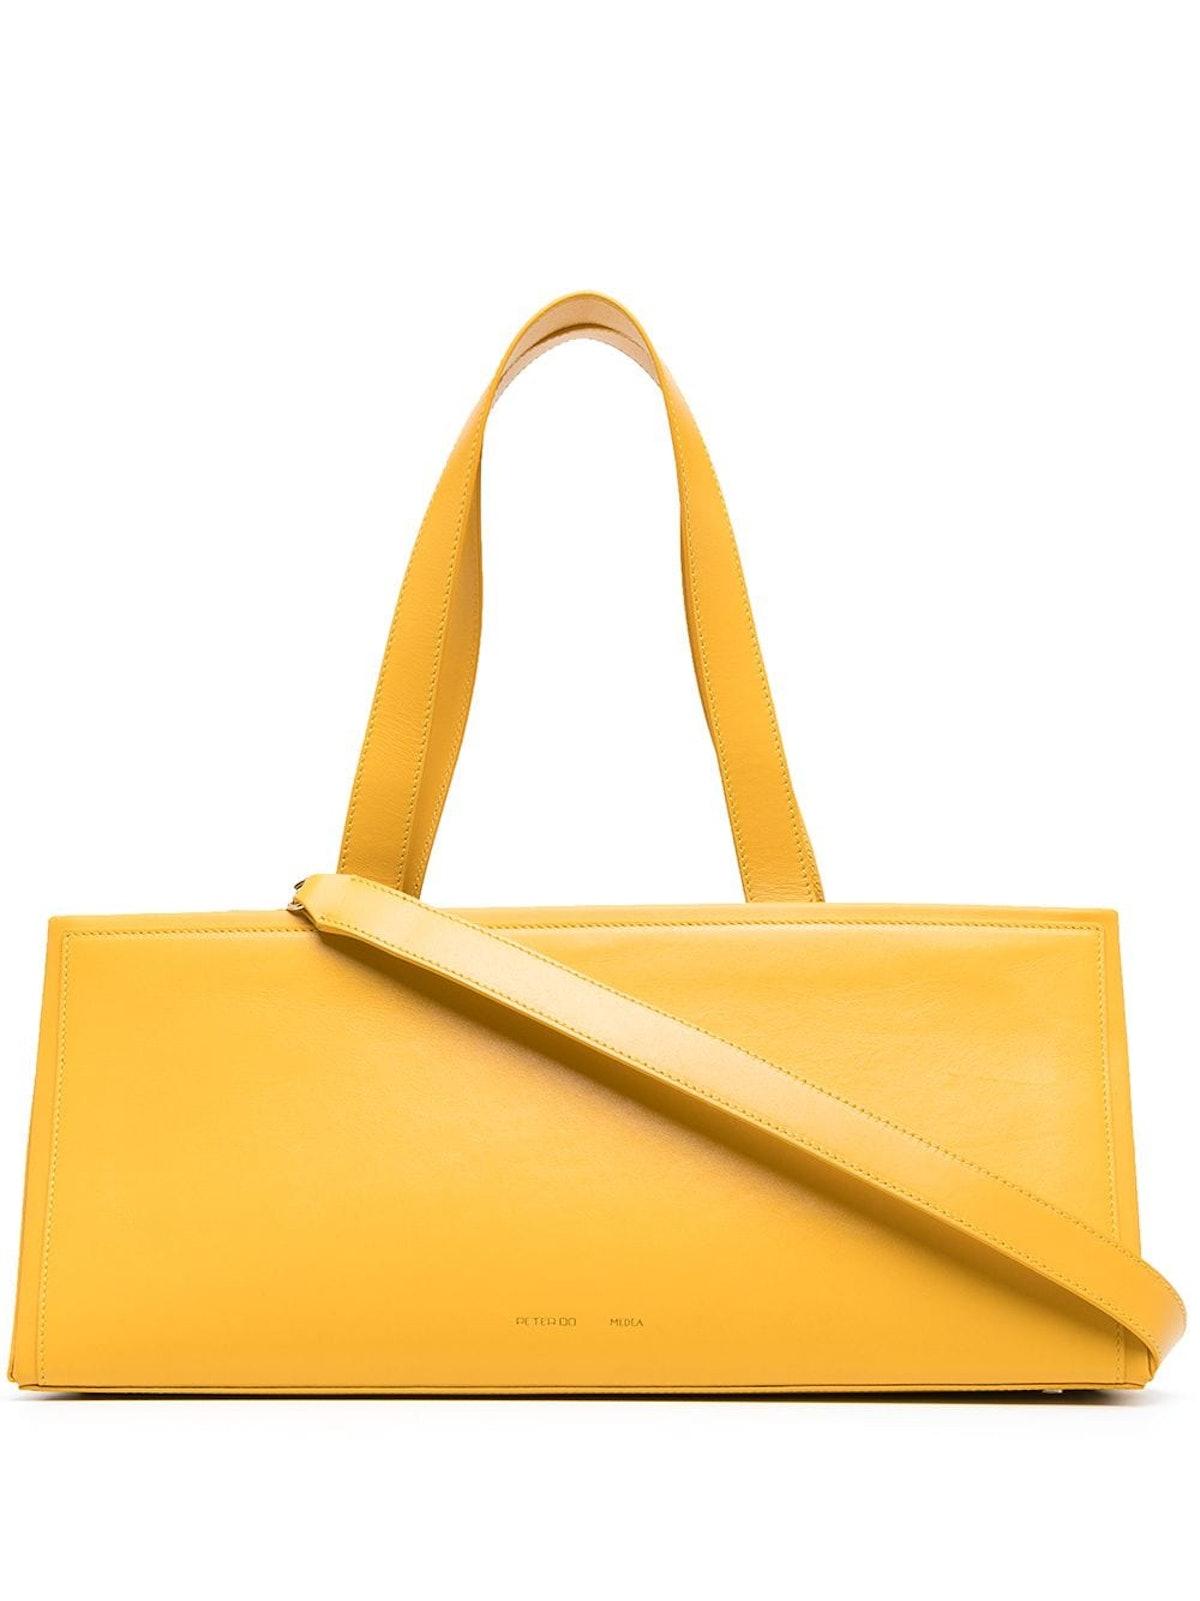 Triangle-Shaped Shoulder Bag